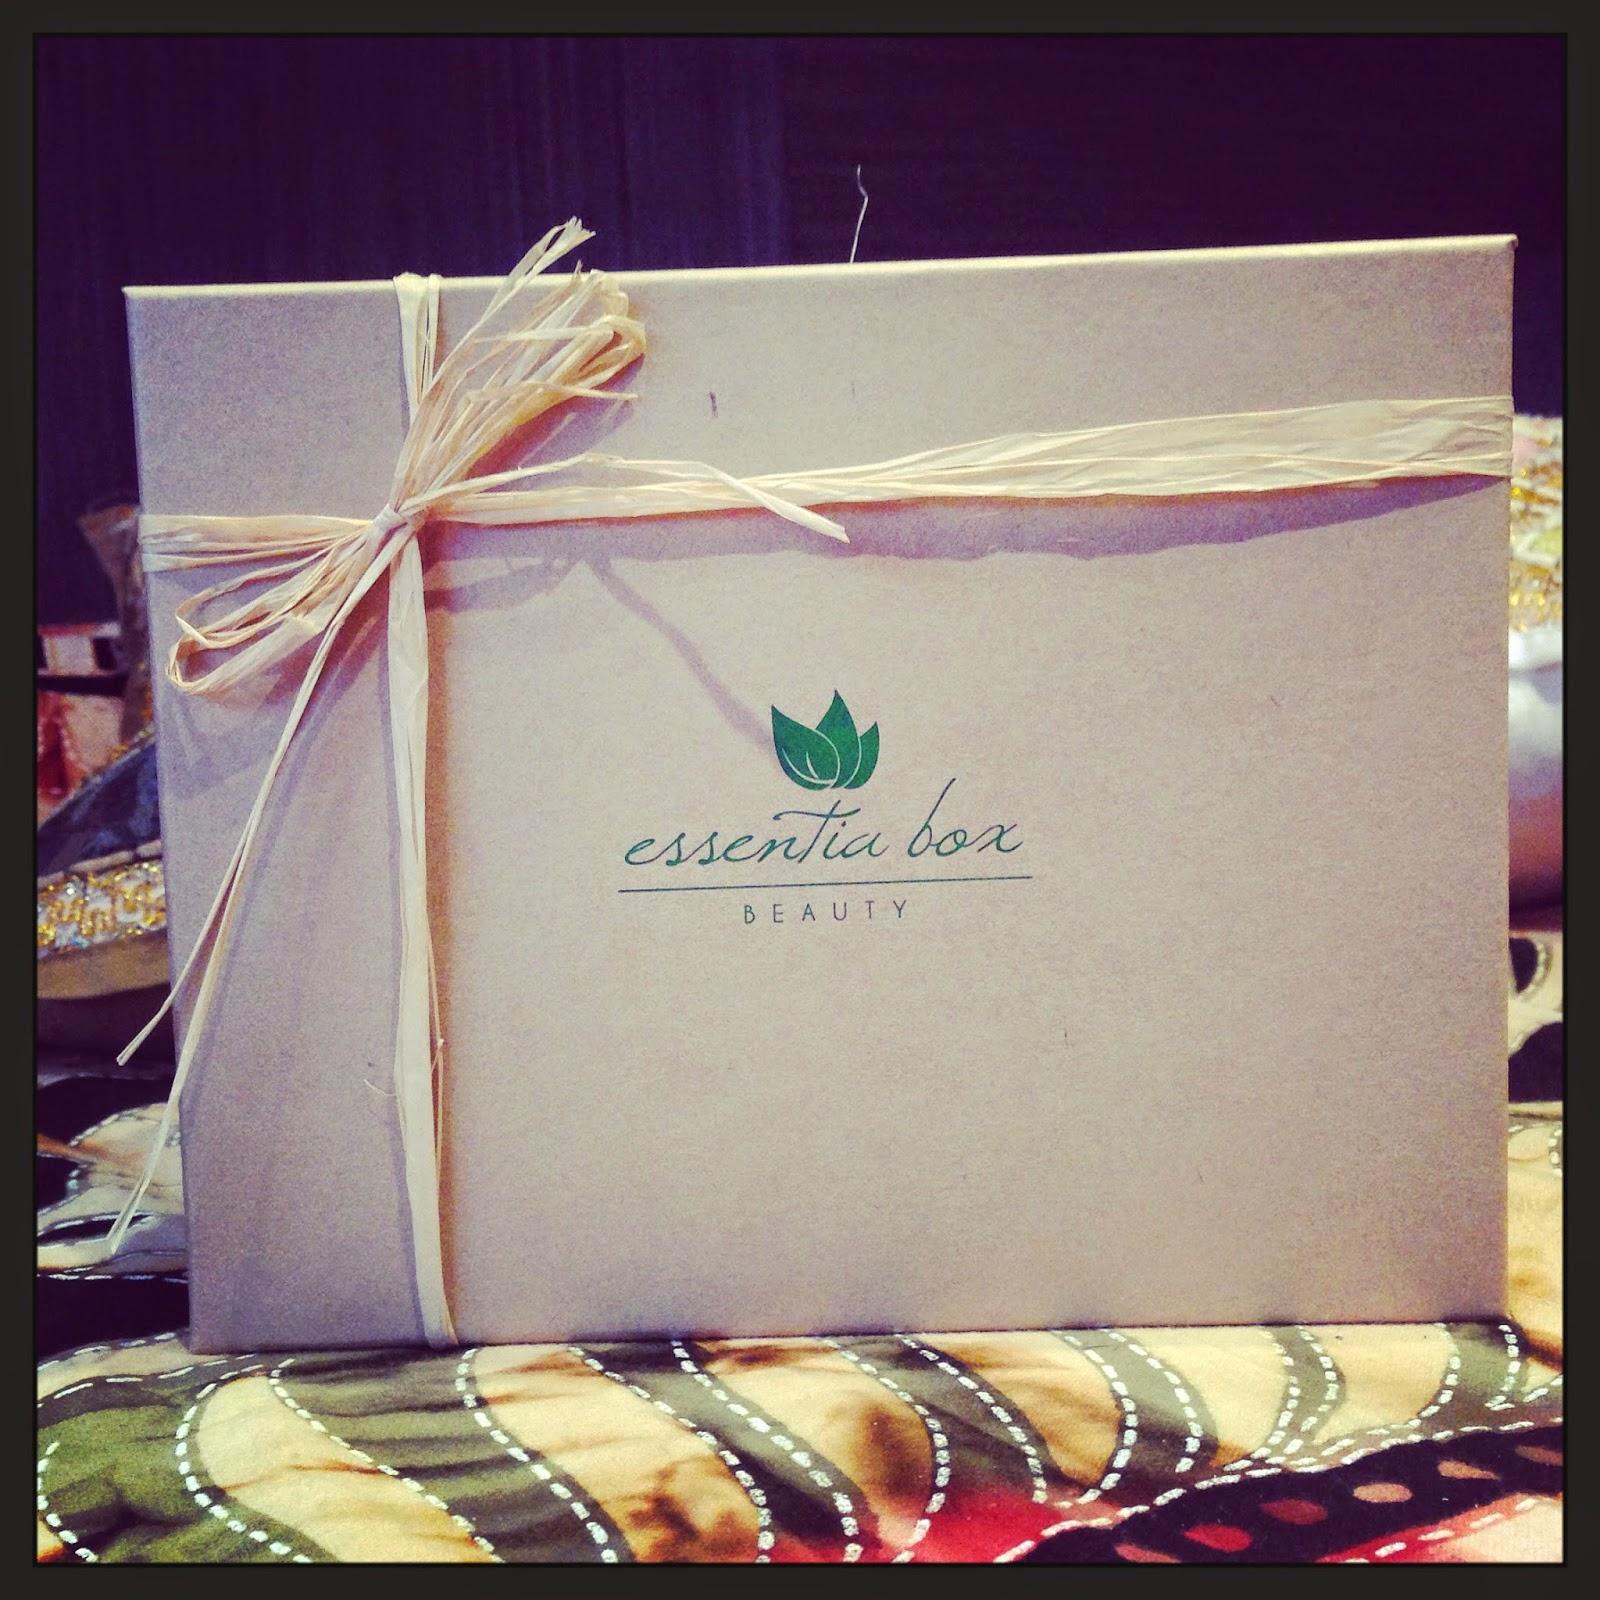 Essentia Box de Julio de 2014: ¡¡Llegan las vacaciones!!